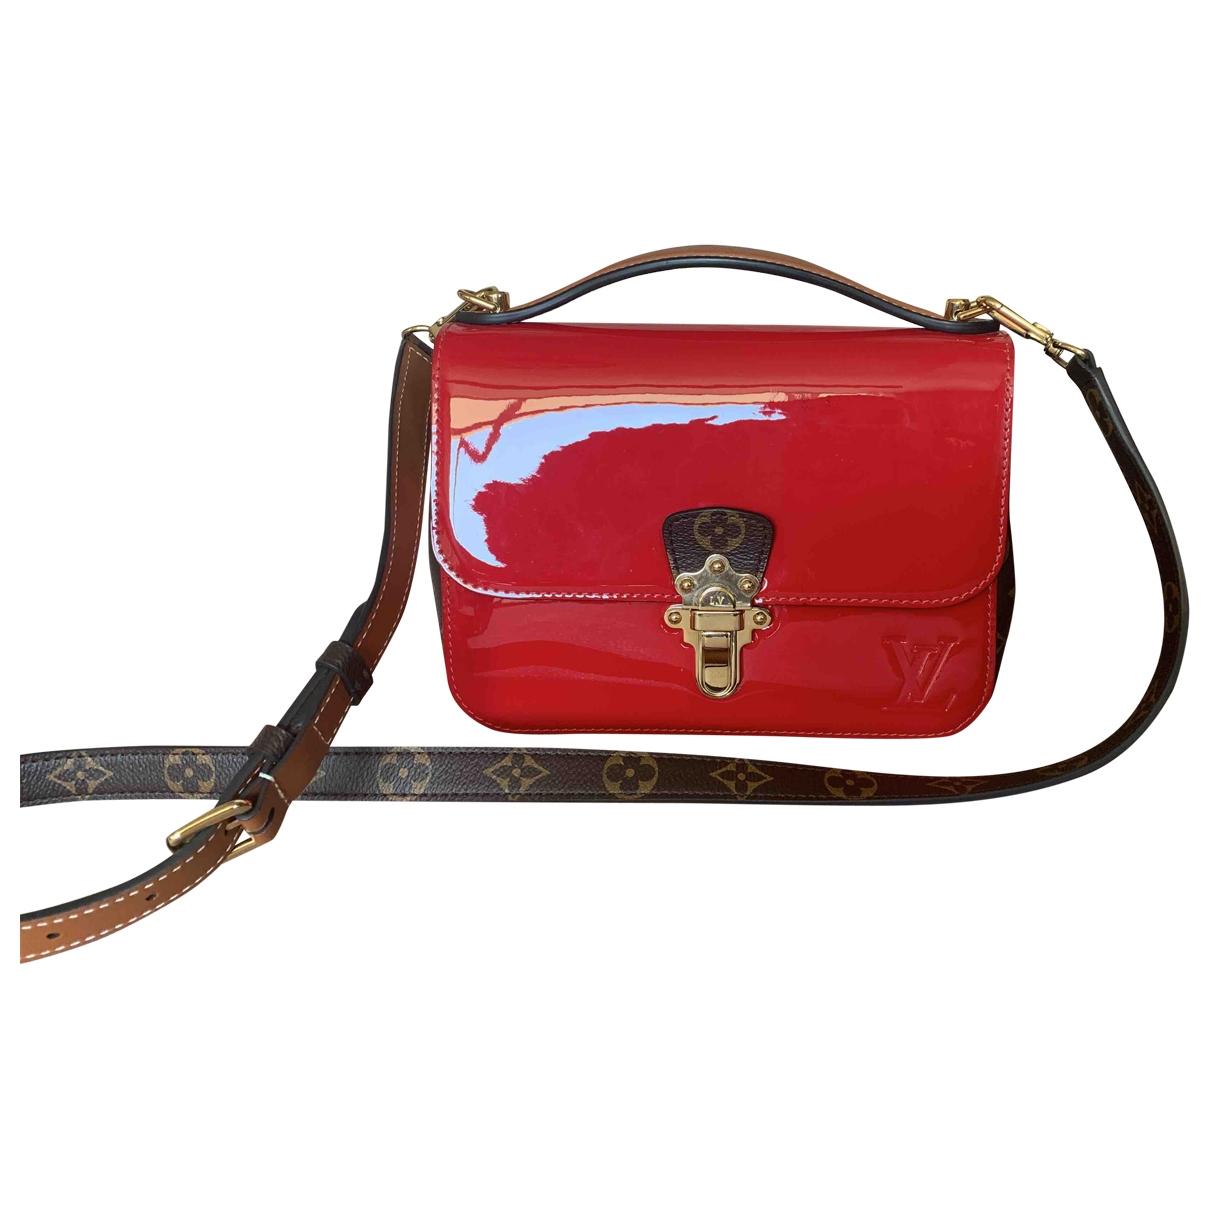 Louis Vuitton - Sac a main Cherrywood pour femme en cuir verni - rouge